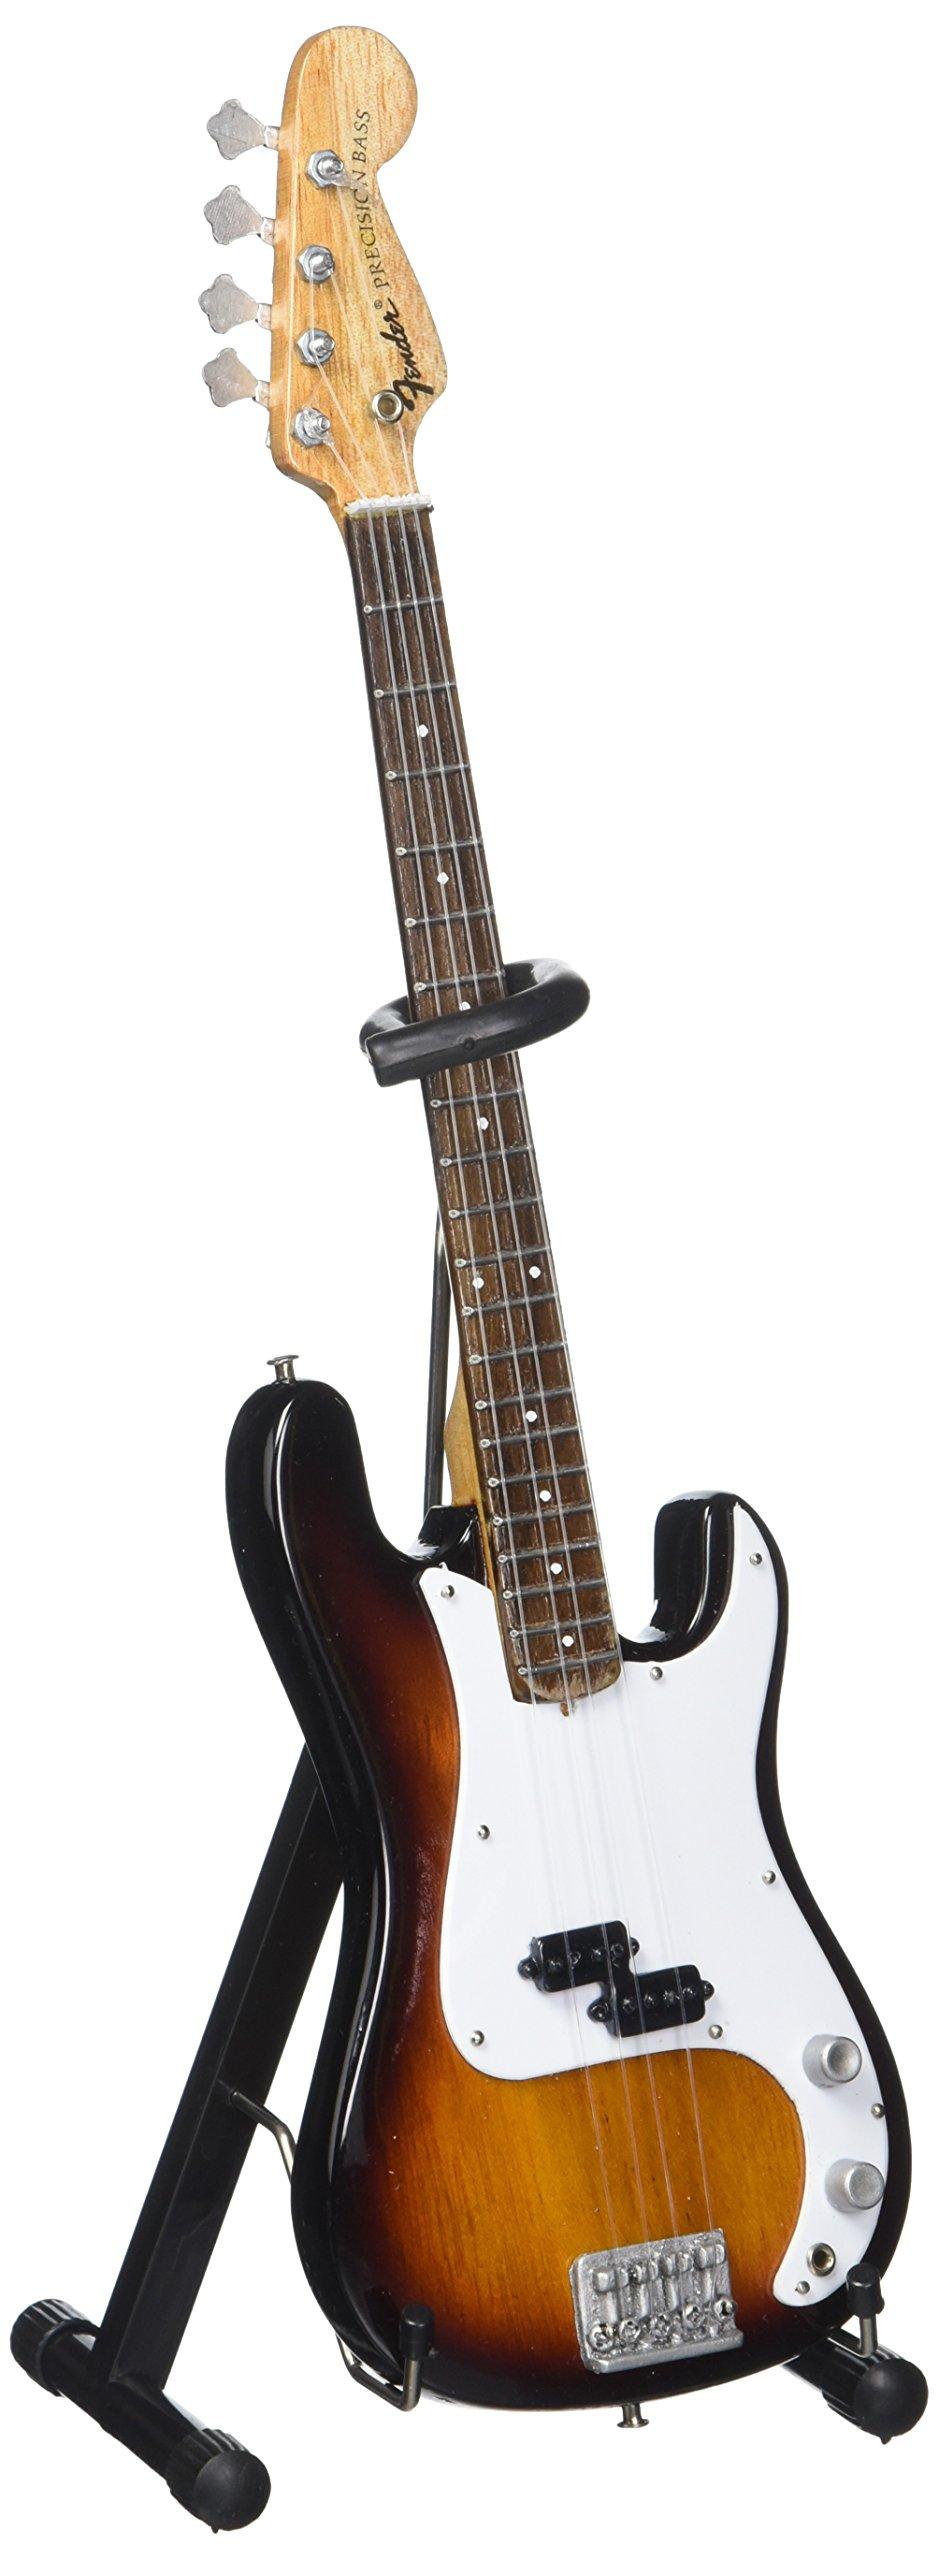 AXE HEAVEN FP-001 Licensed Fender Precision Bass Classic Sunburst